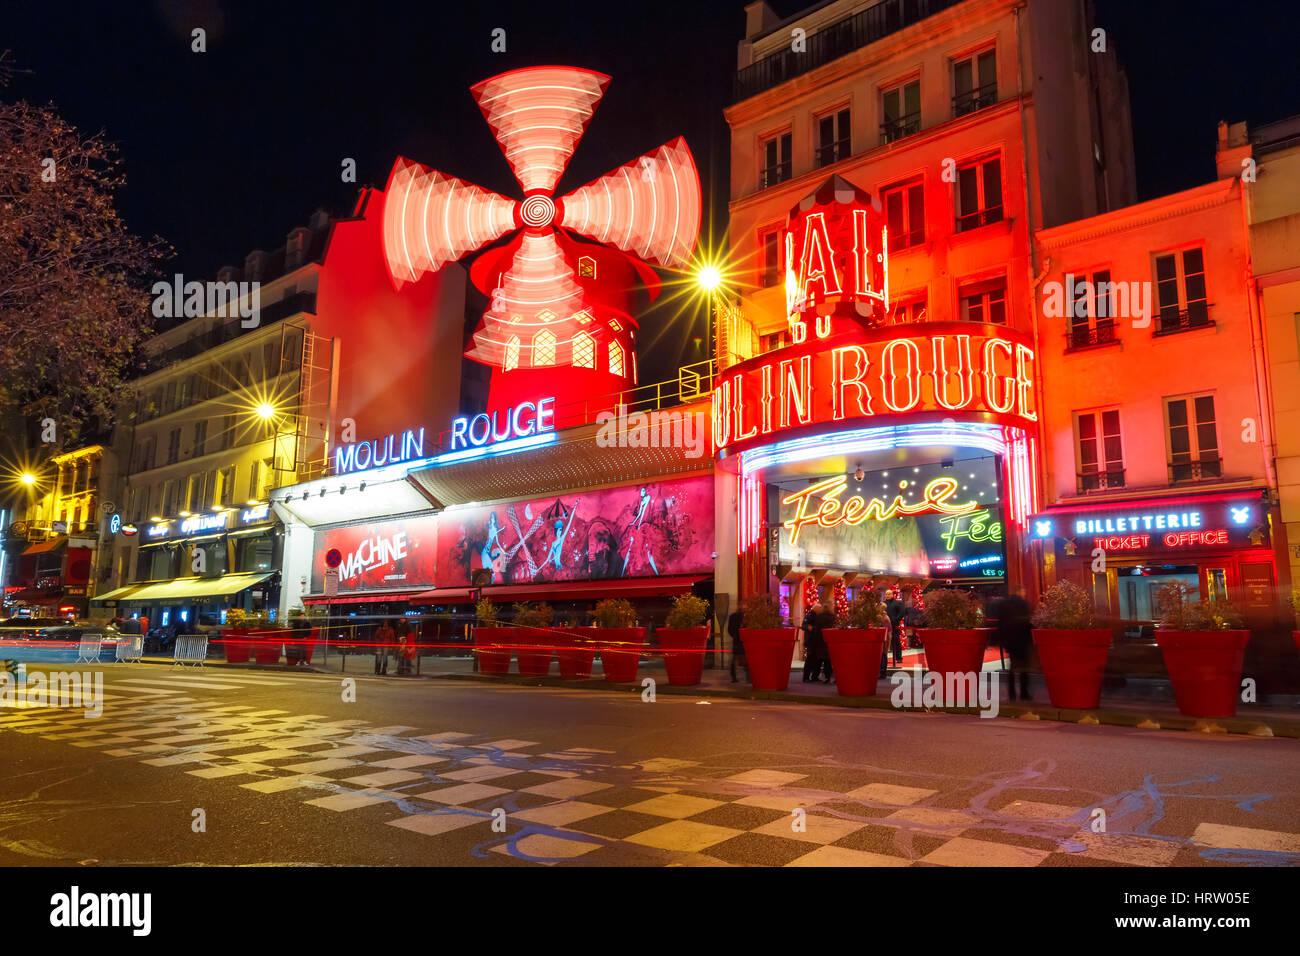 Paris, France - 28 décembre 2016: Le pittoresque célèbre Moulin Rouge situé à proximité Photo Stock